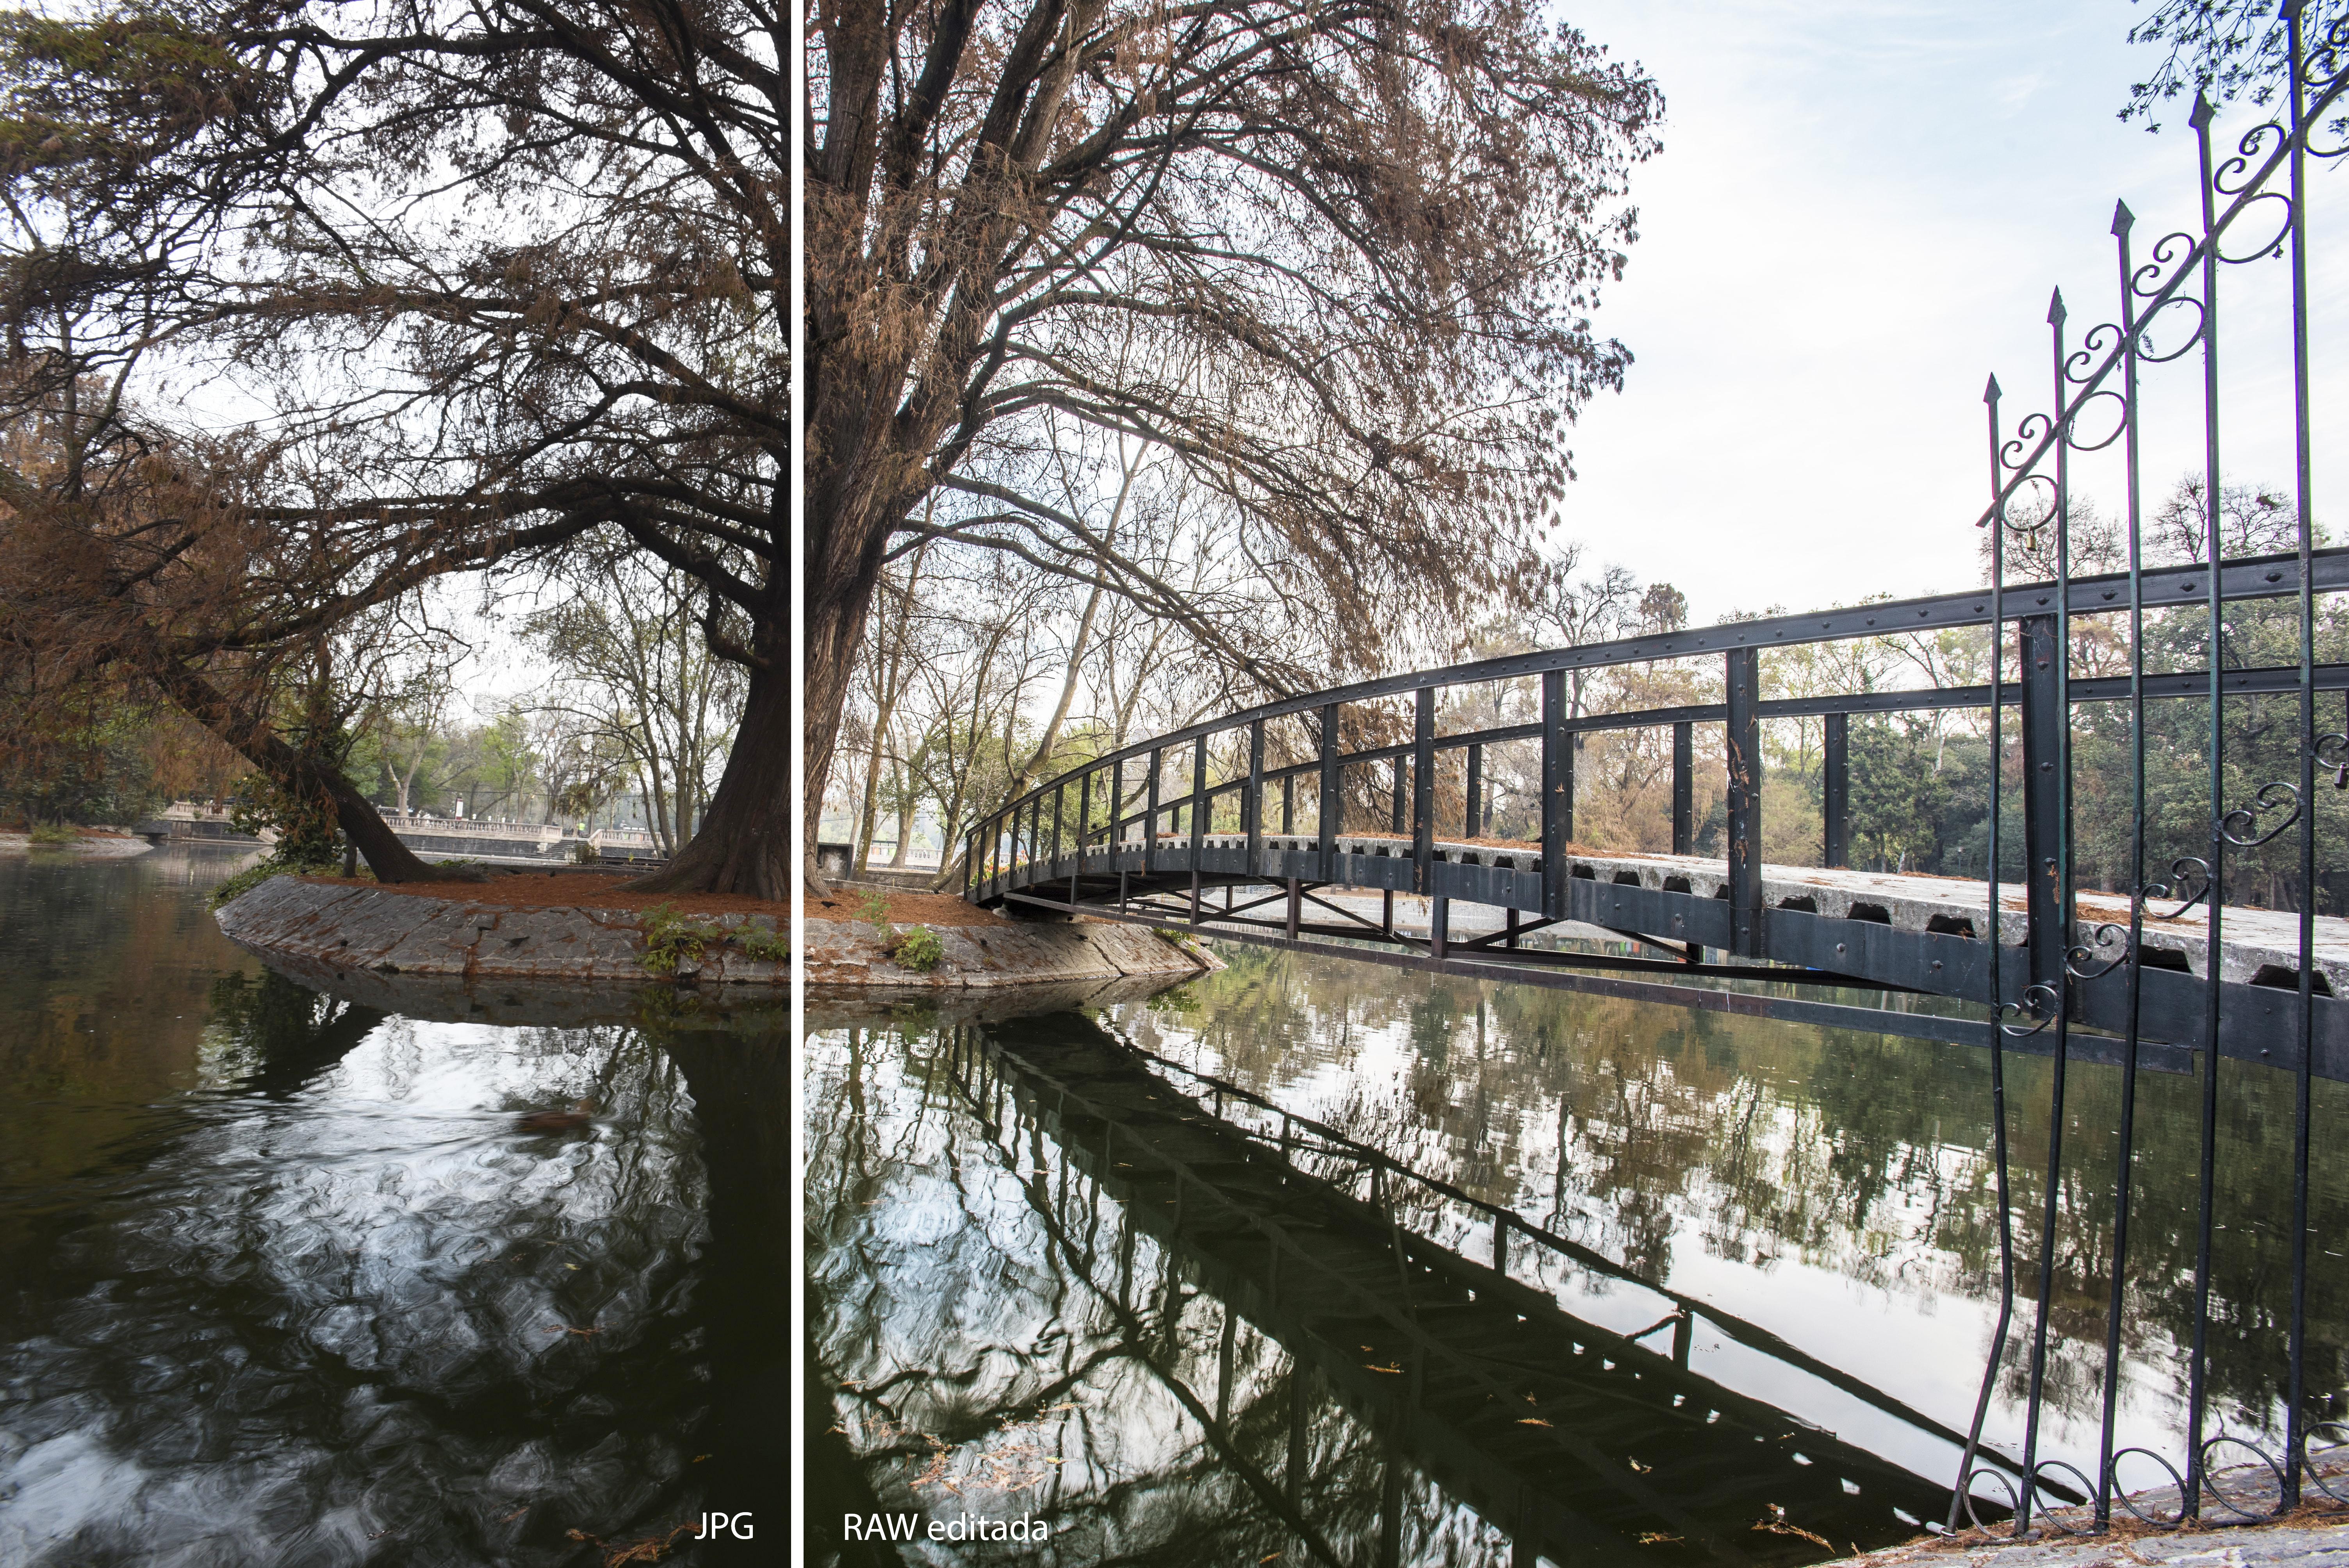 Diferencias de contraste y nitidez entre JPG y RAW editada